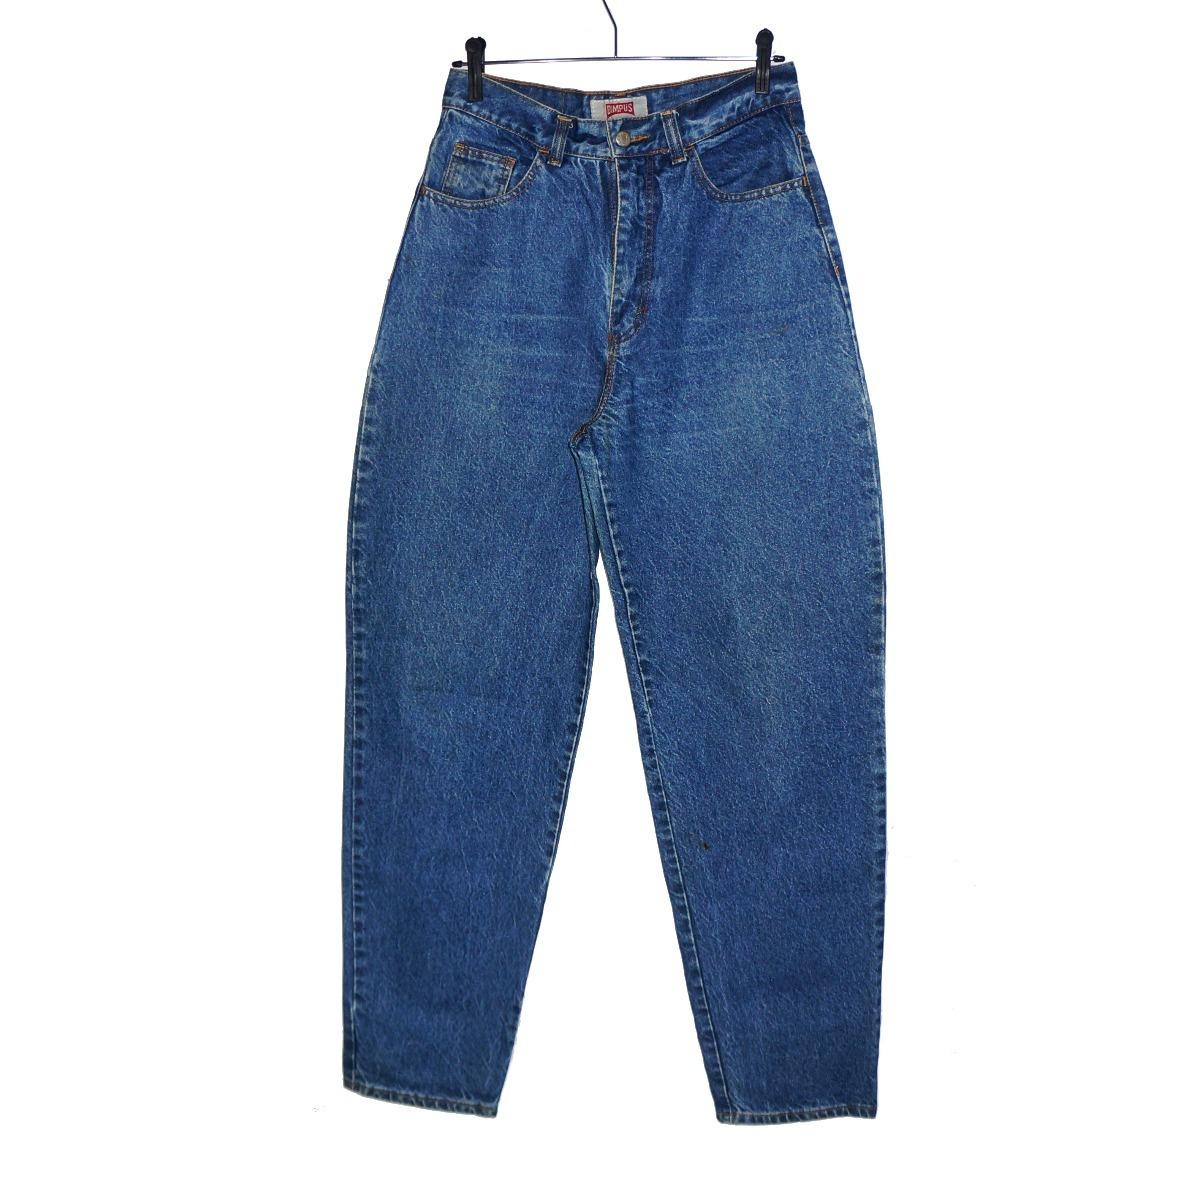 60d62b2281 mom jeans original anos 90 calça jeans vintage cintura alta. Carregando  zoom.